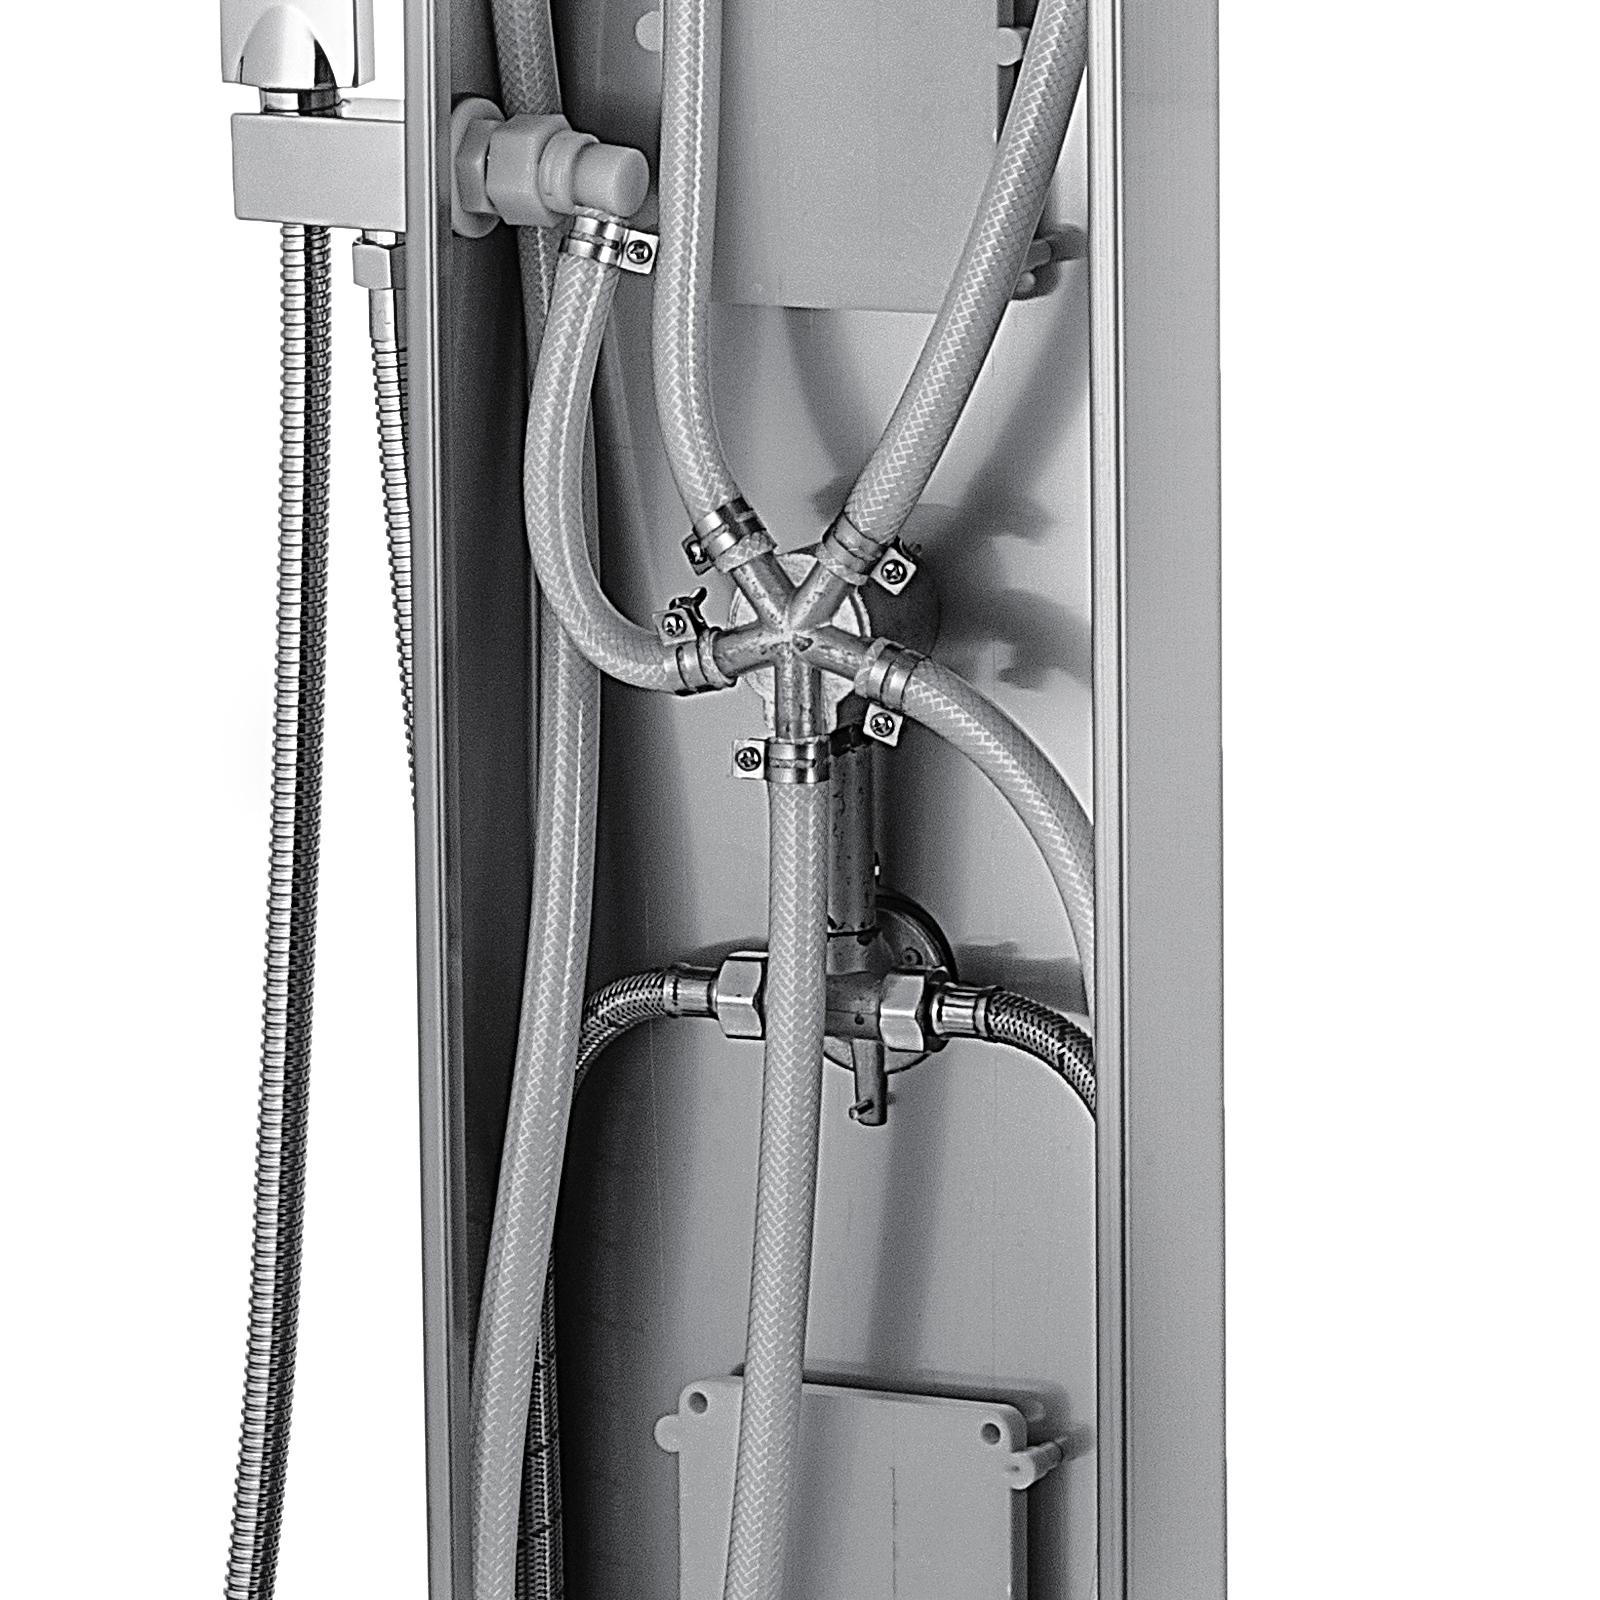 Pannello-doccia-idromassaggio-colonna-in-acciaio-inossidabile-con-miscelatore miniatura 83